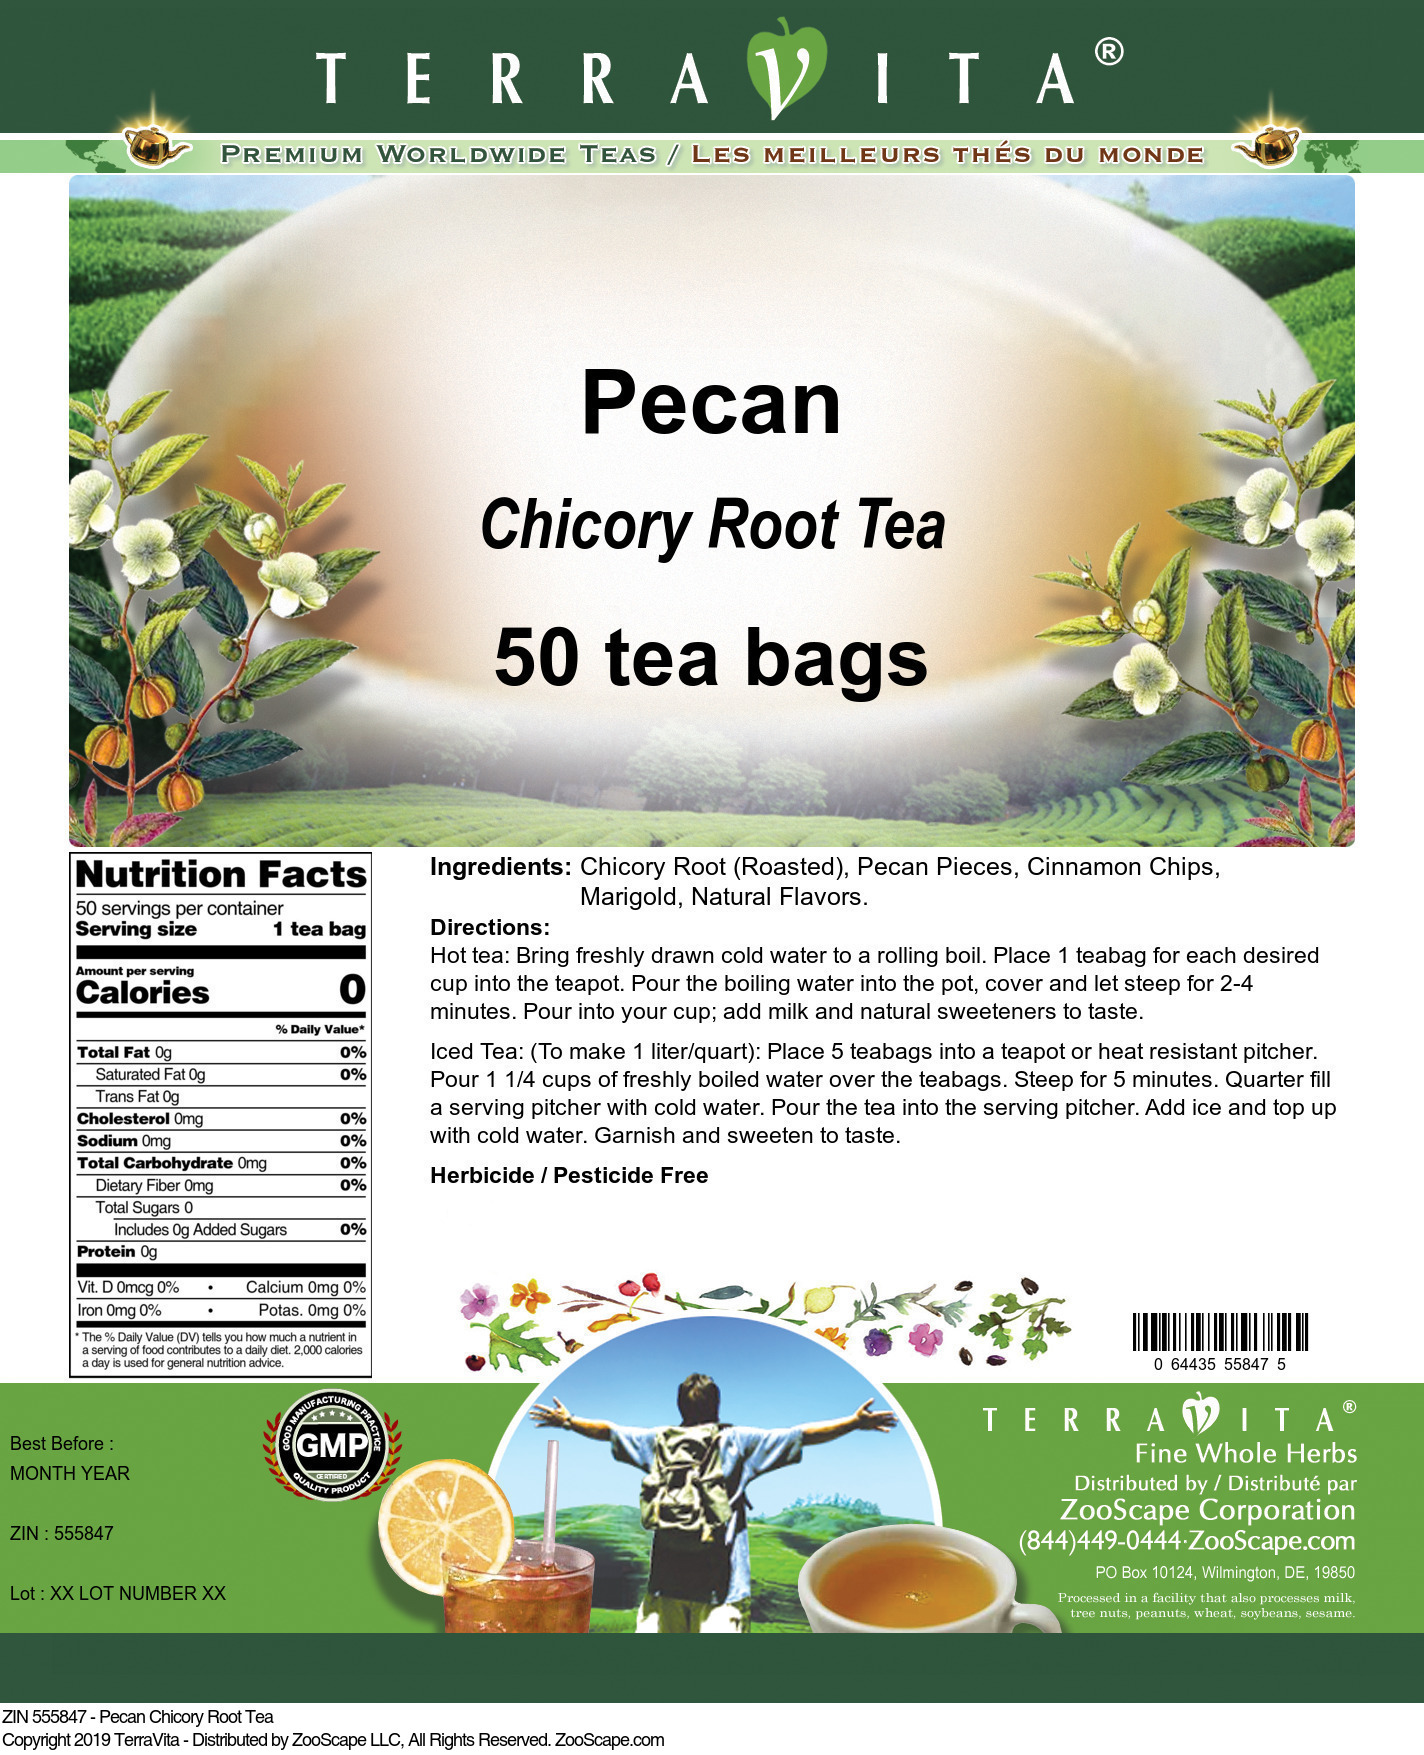 Pecan Chicory Root